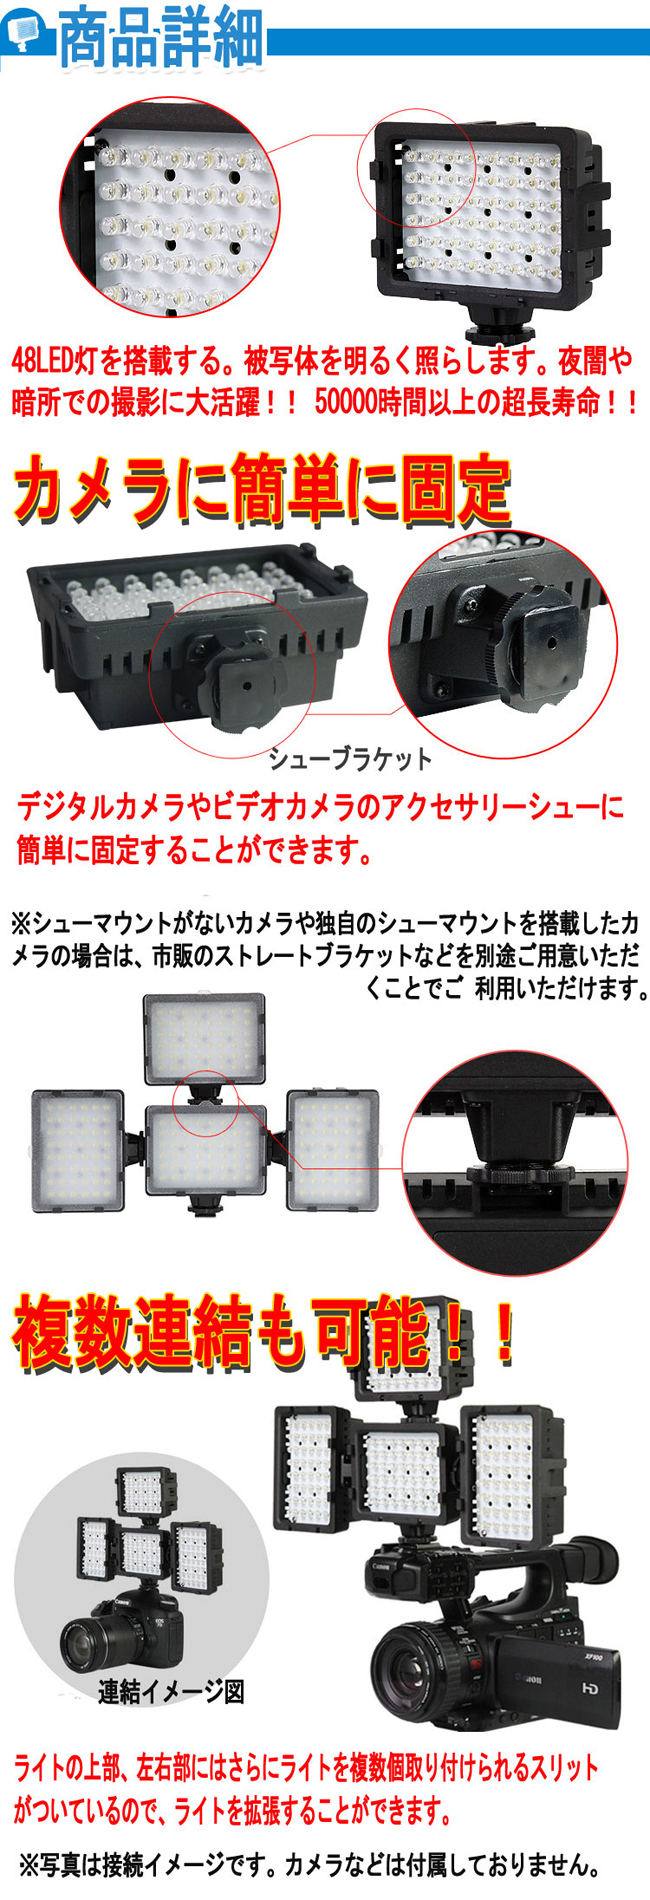 商品詳細 カメラに簡単に固定